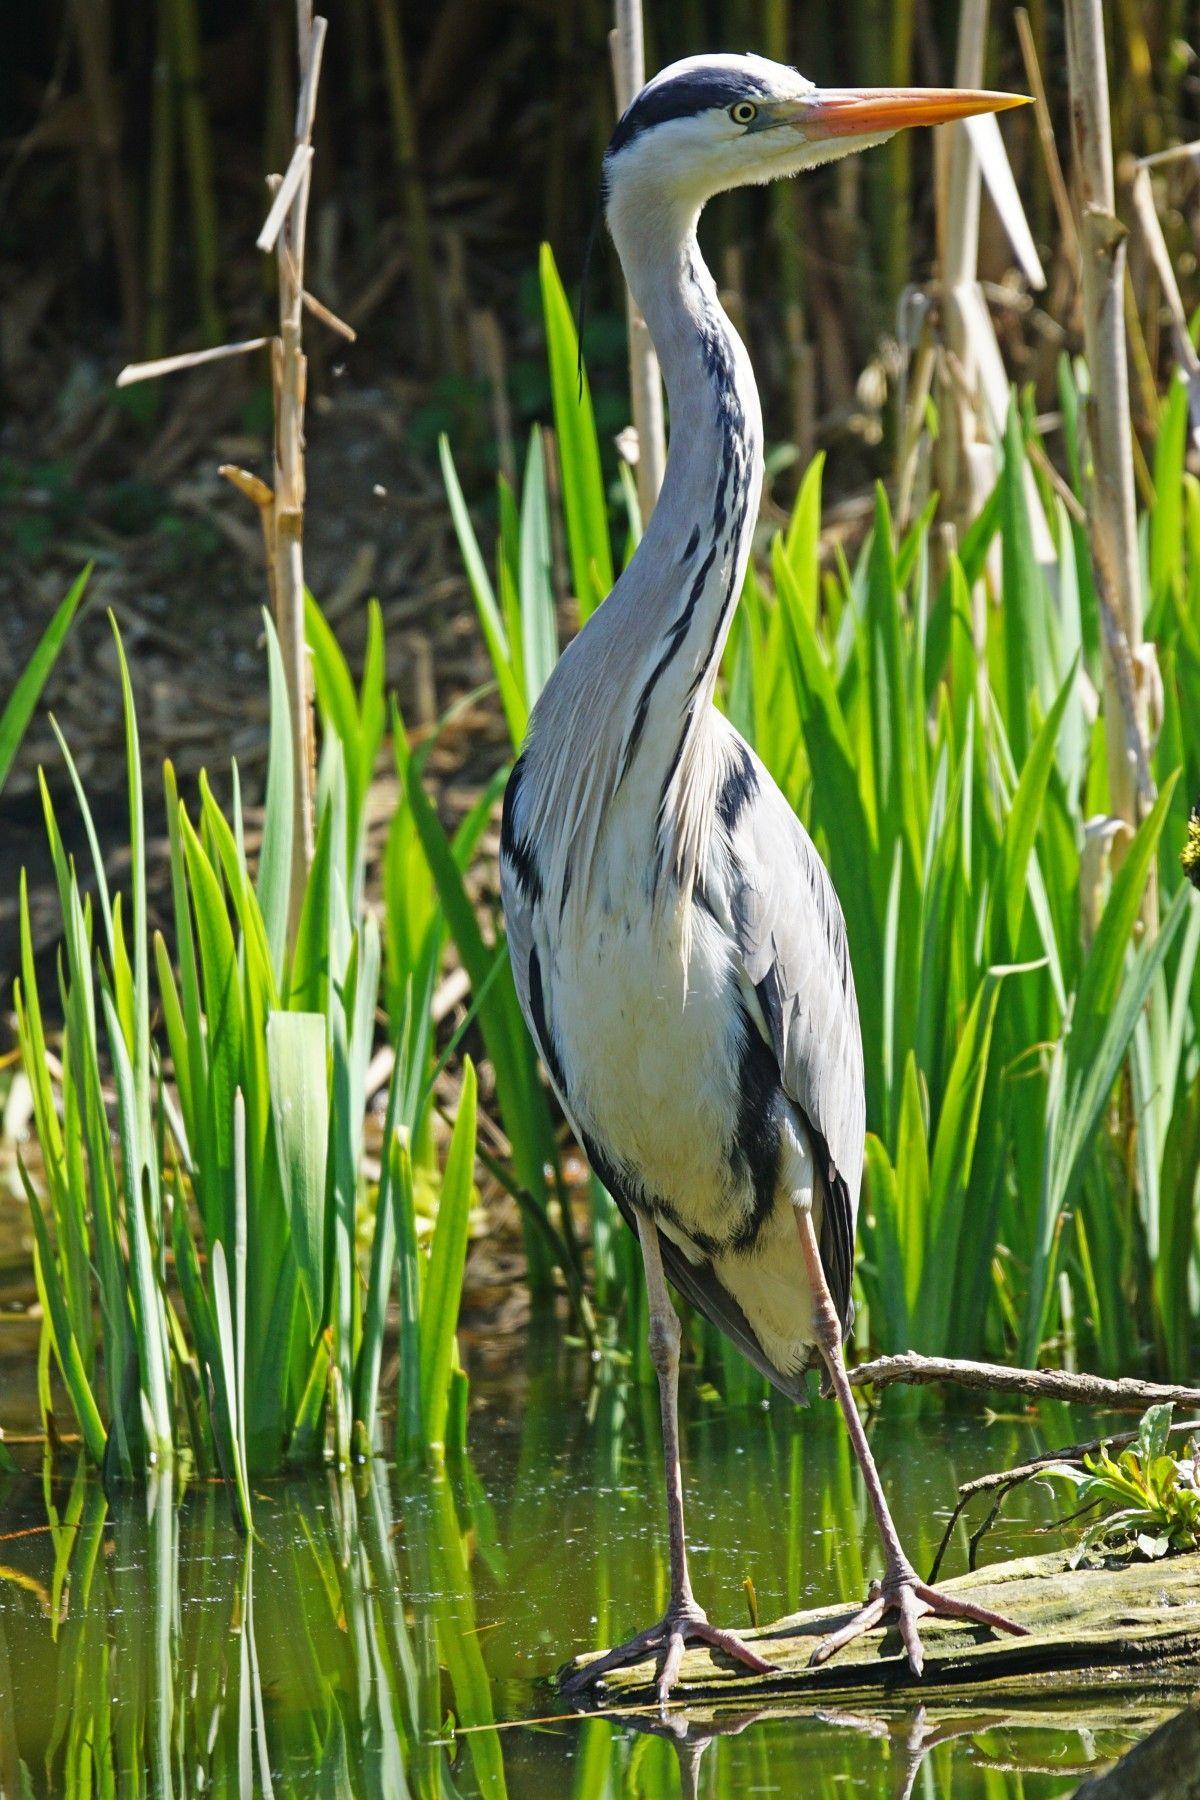 Images Gratuites : Eau, La Nature, Oiseau, Faune, Vert, Le tout Images D Oiseaux Gratuites